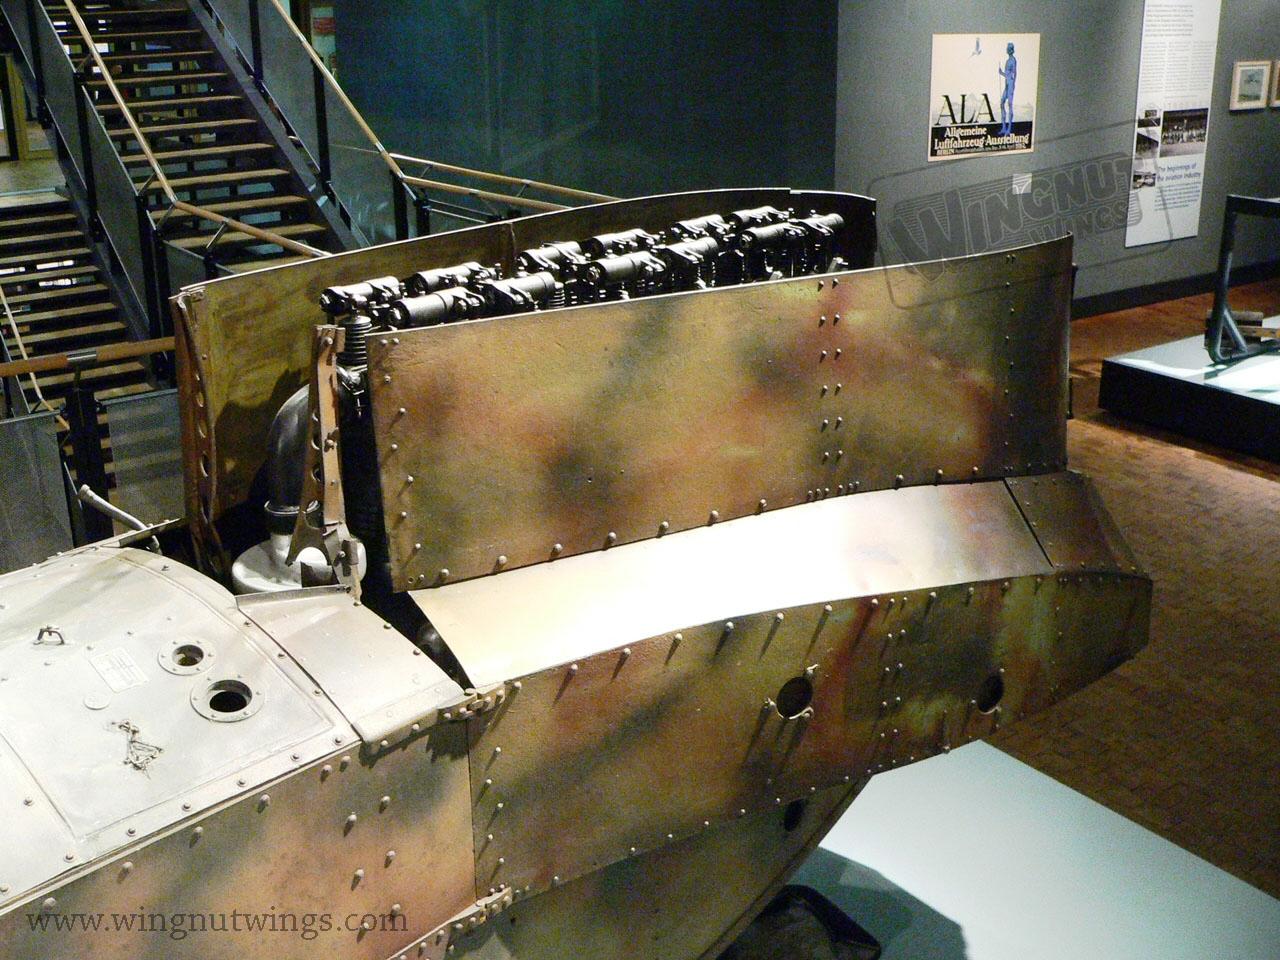 Junkers Berlin junkers j 1 deutsches technikmuseum berlin 9